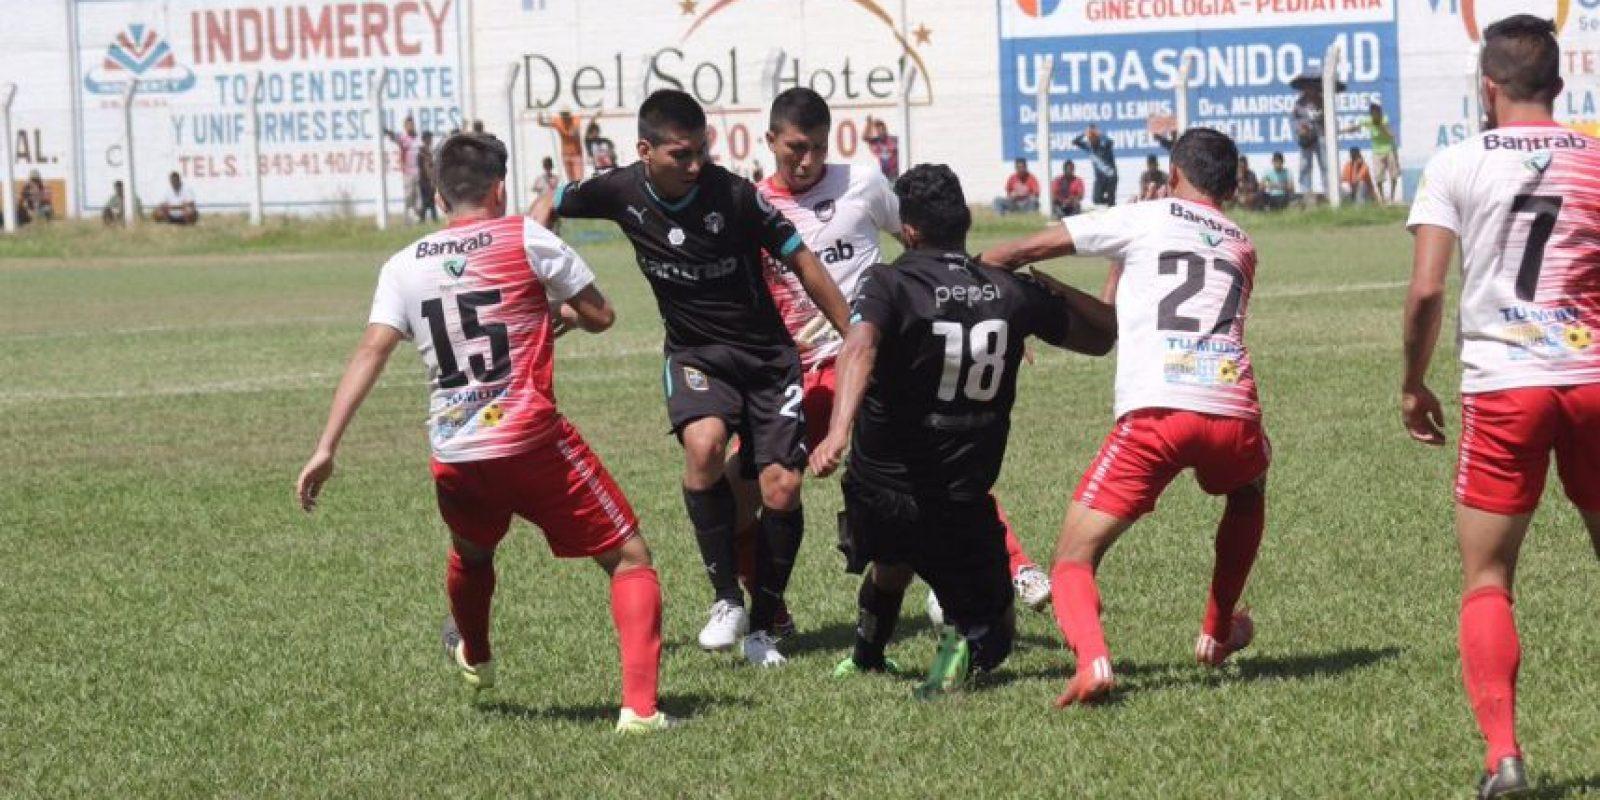 Quedan tres fechas para que concluya la fase de clasificación del Apertura 2016. Foto:rojos.com, Comunicaciones FC y EU Deportes